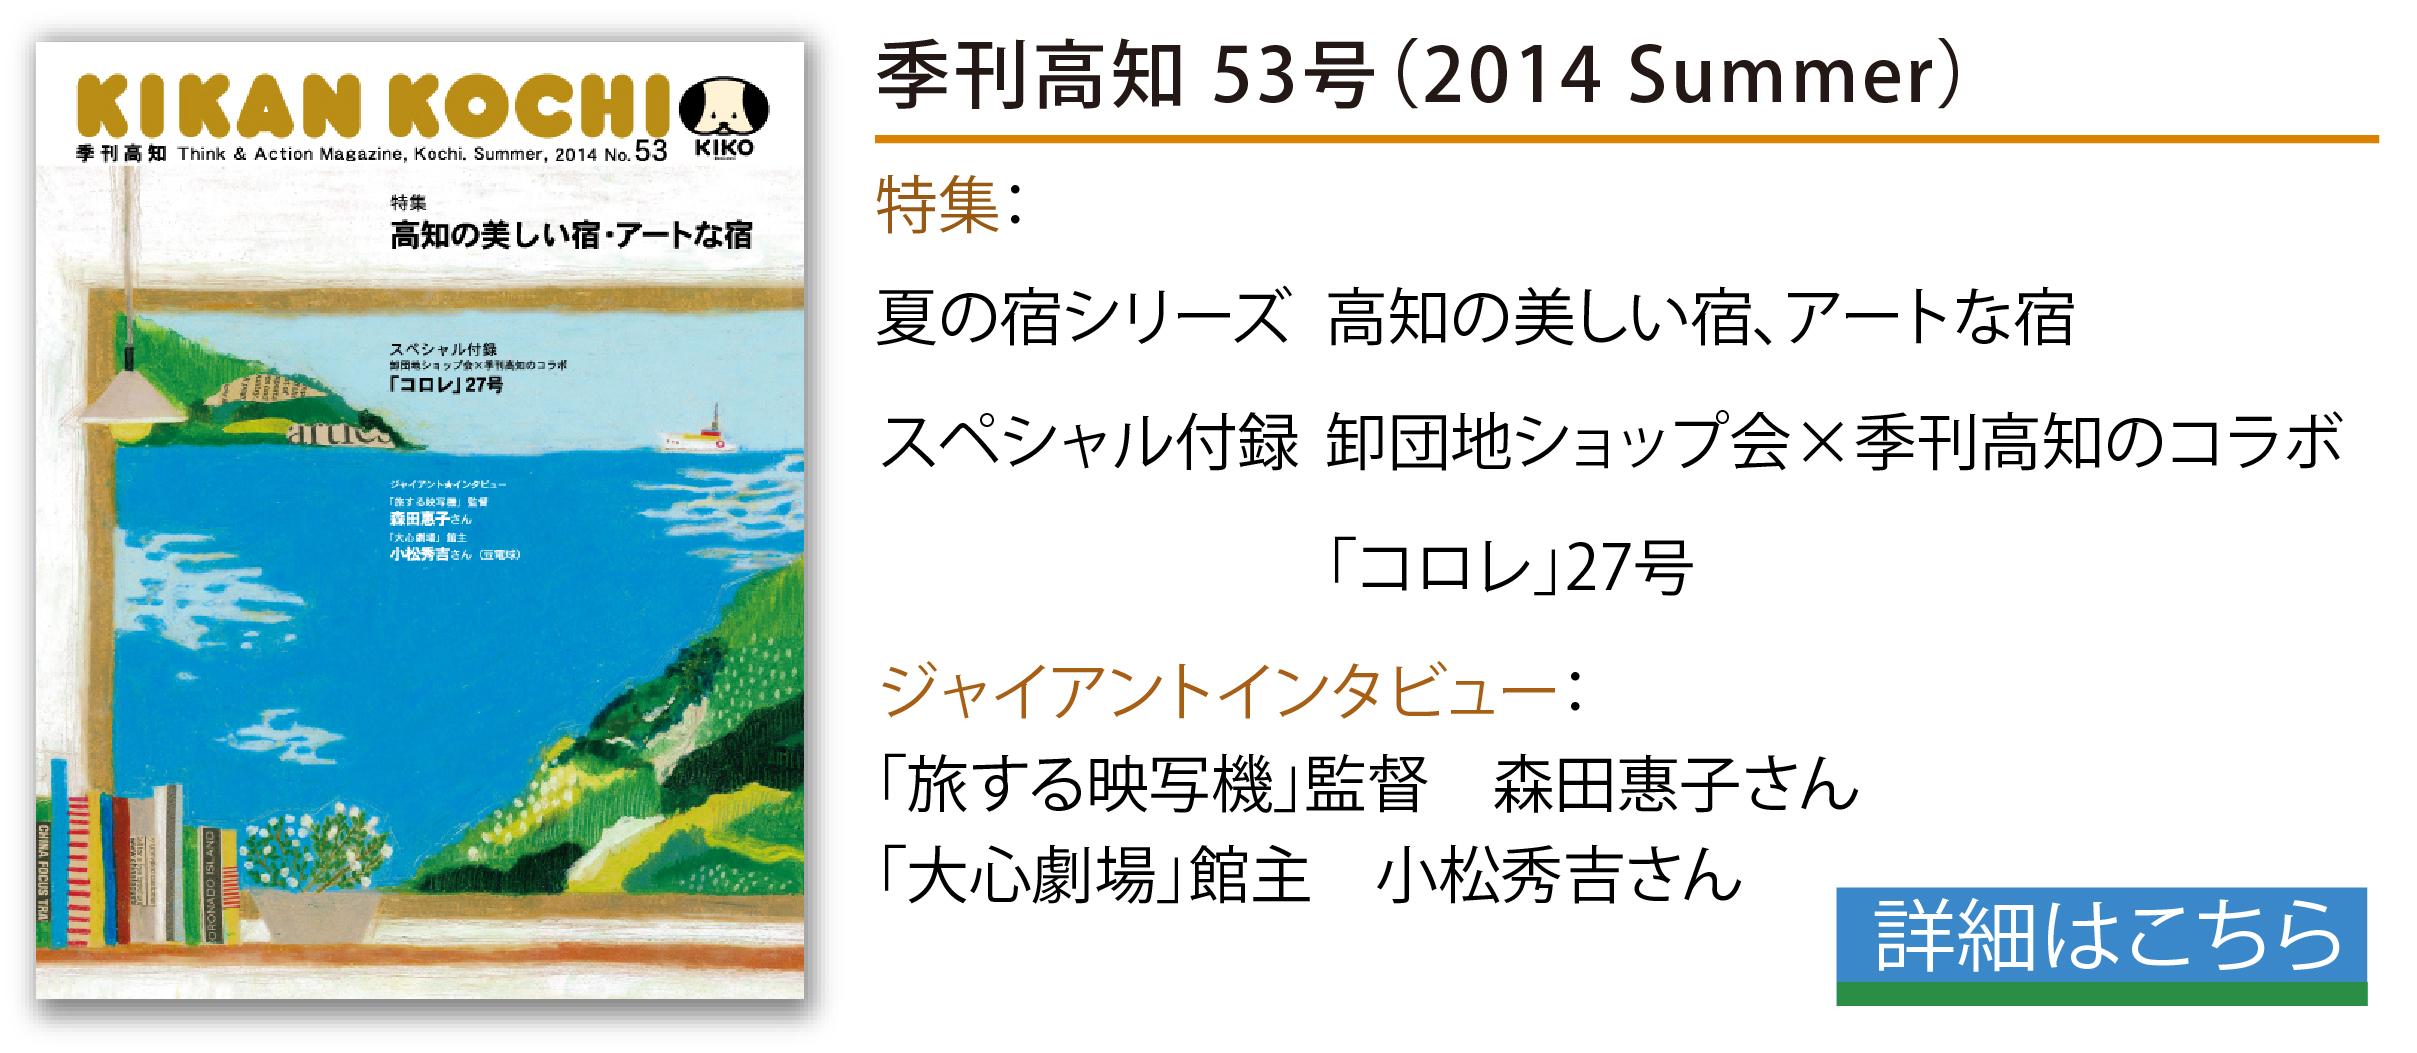 「季刊高知」53号好評発売中